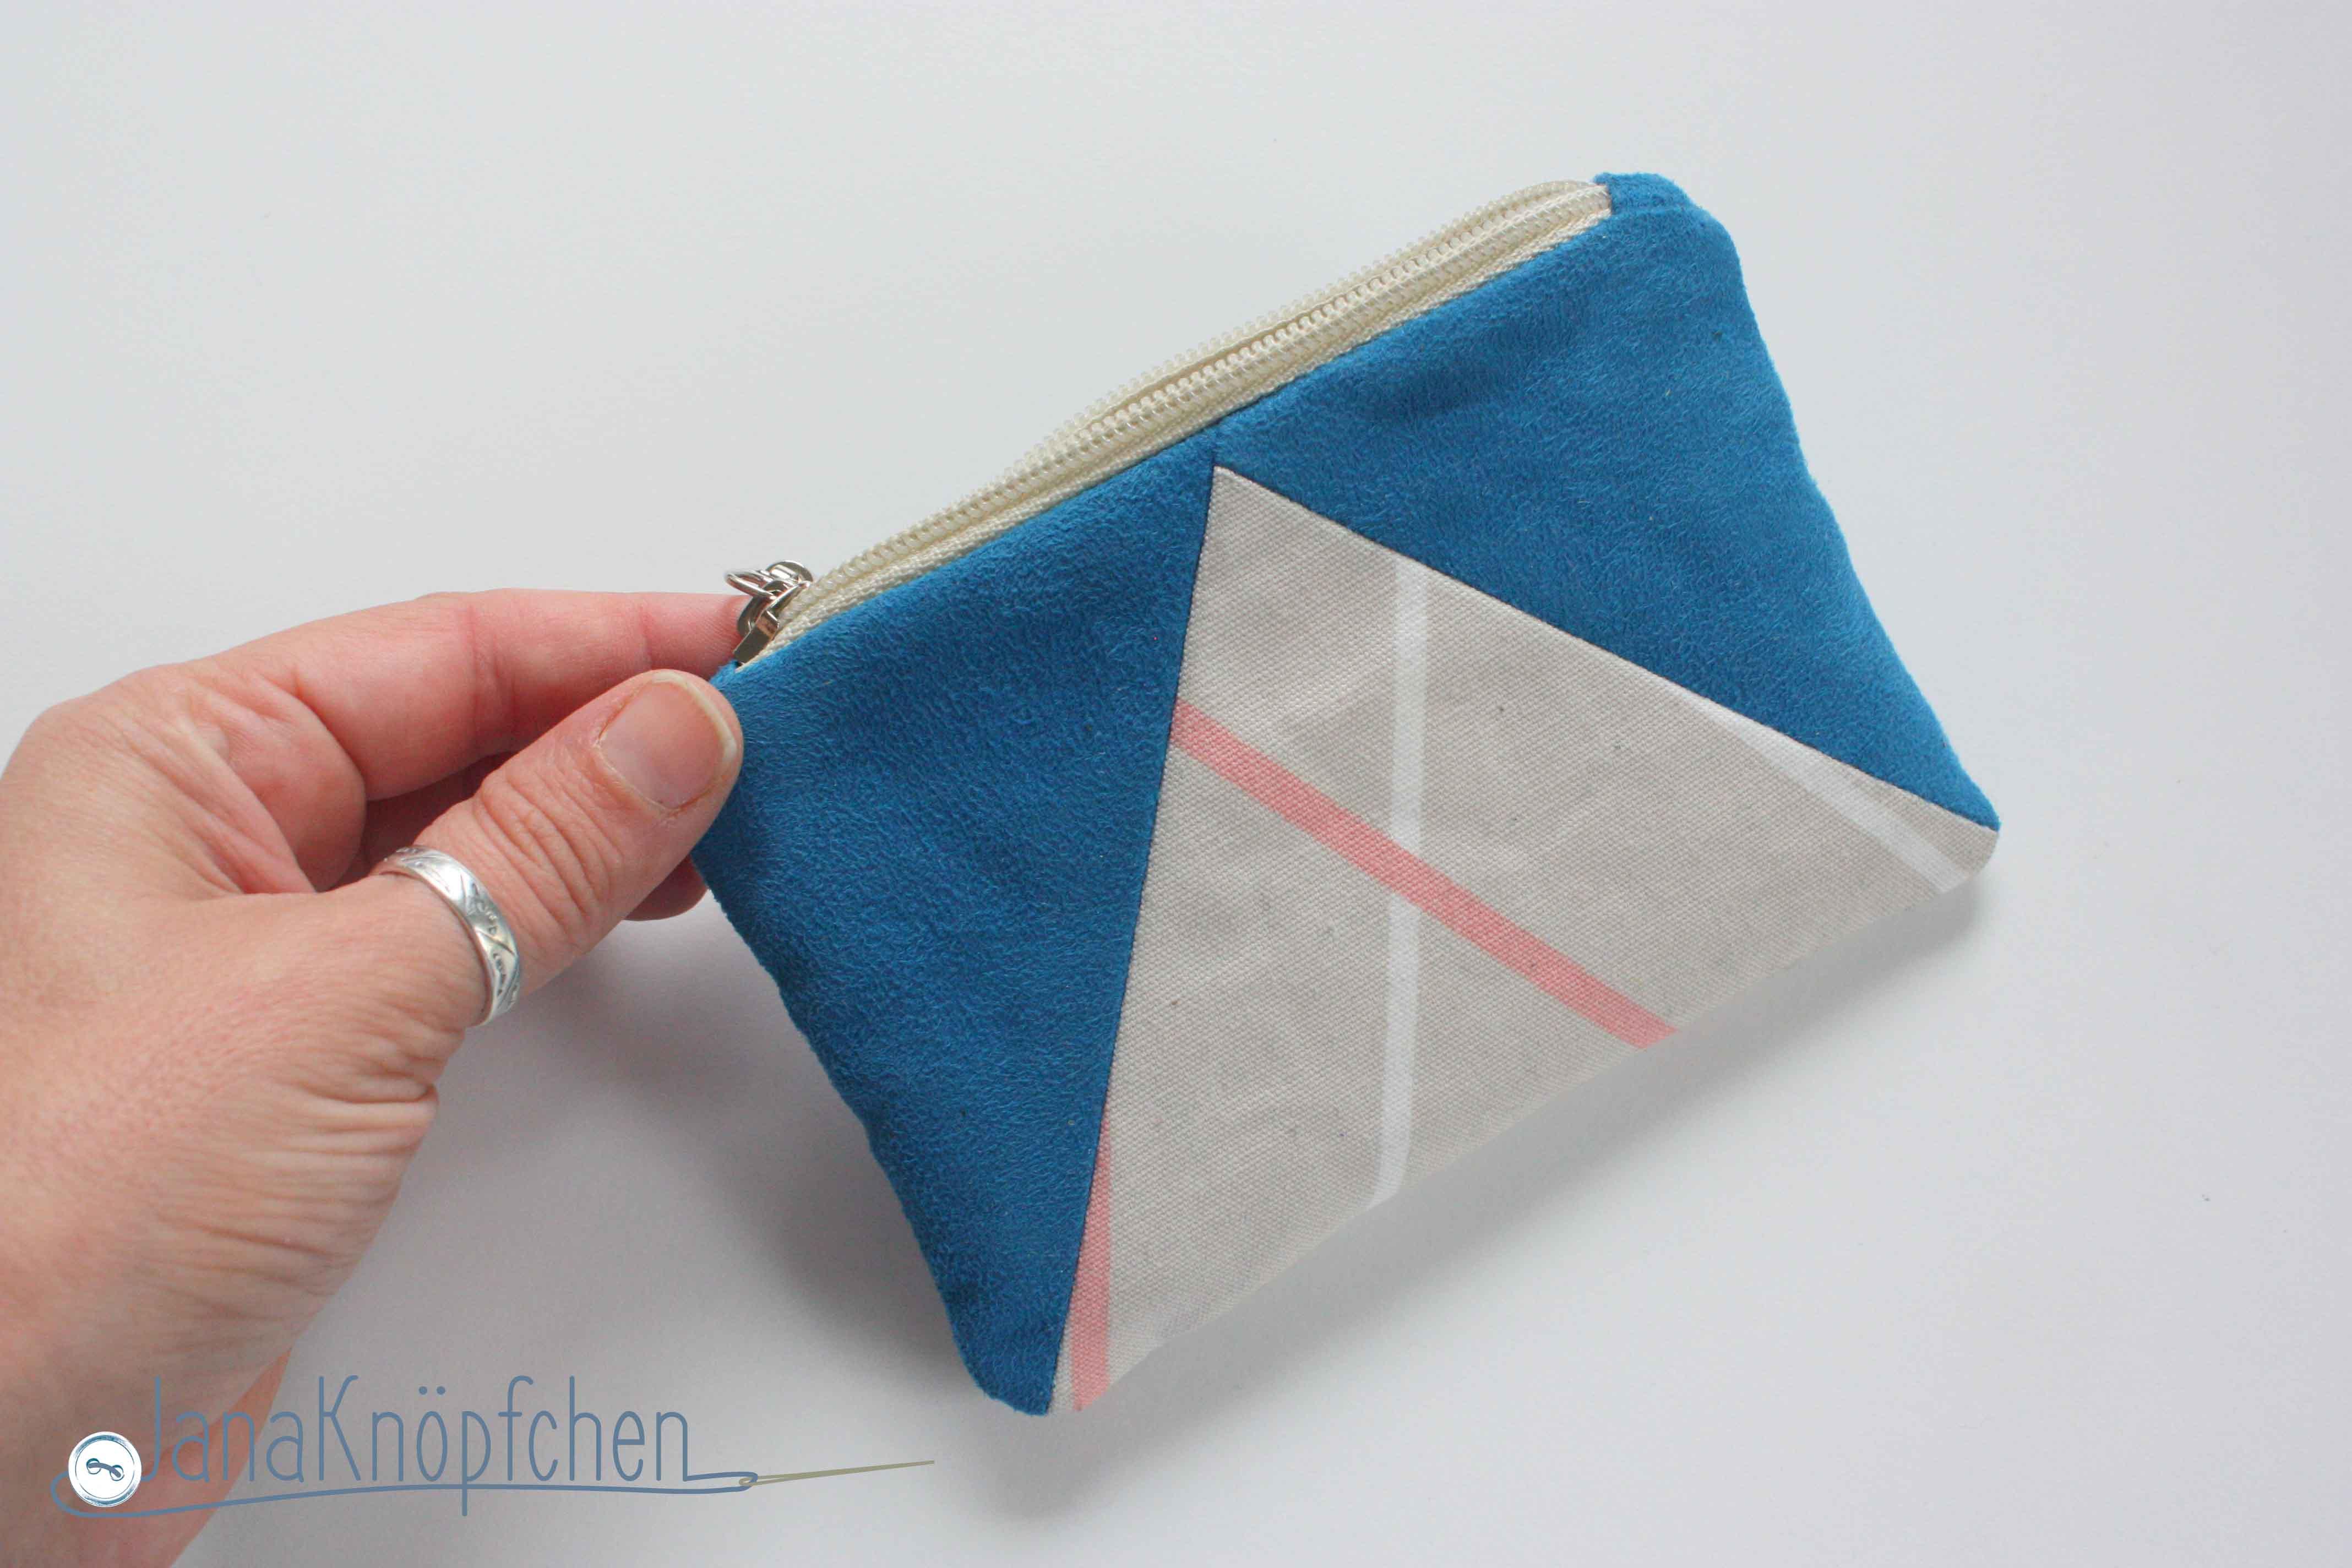 kleines portemonnaie selbst genaeht. janaknoepfchen naehblog